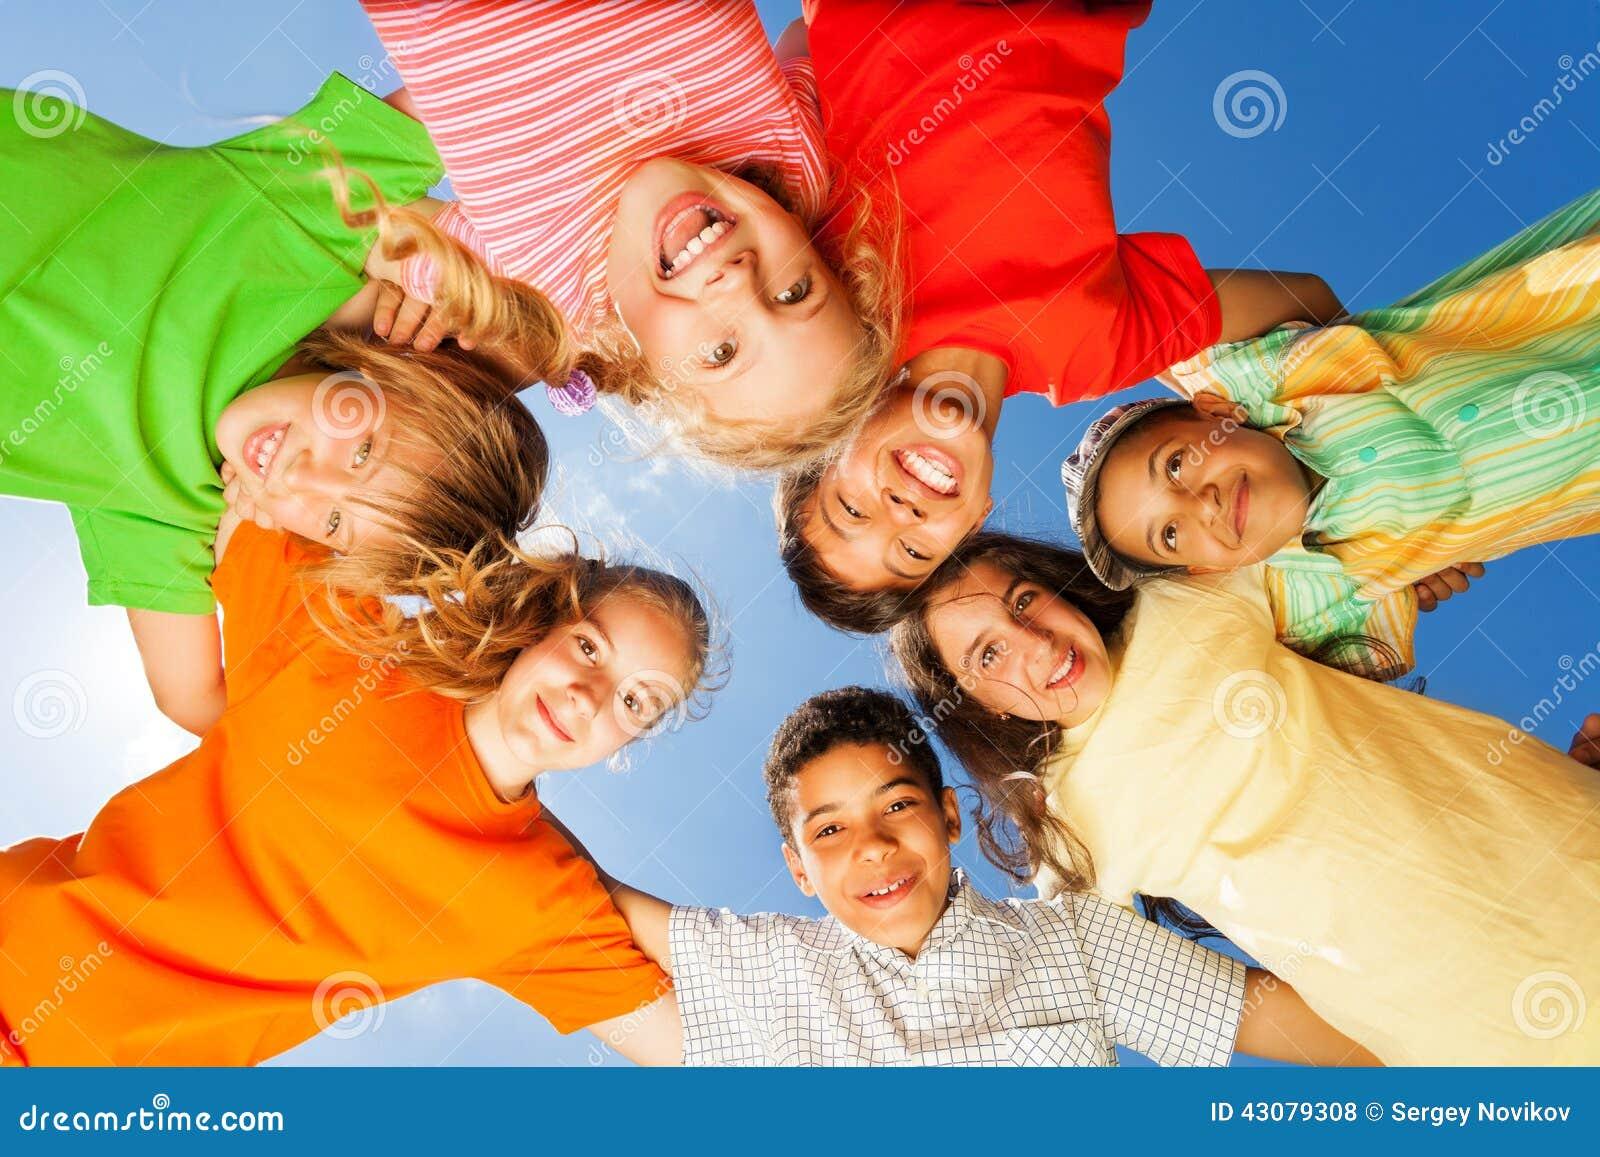 Glückliche Kinder schließen im Kreis auf Himmelhintergrund